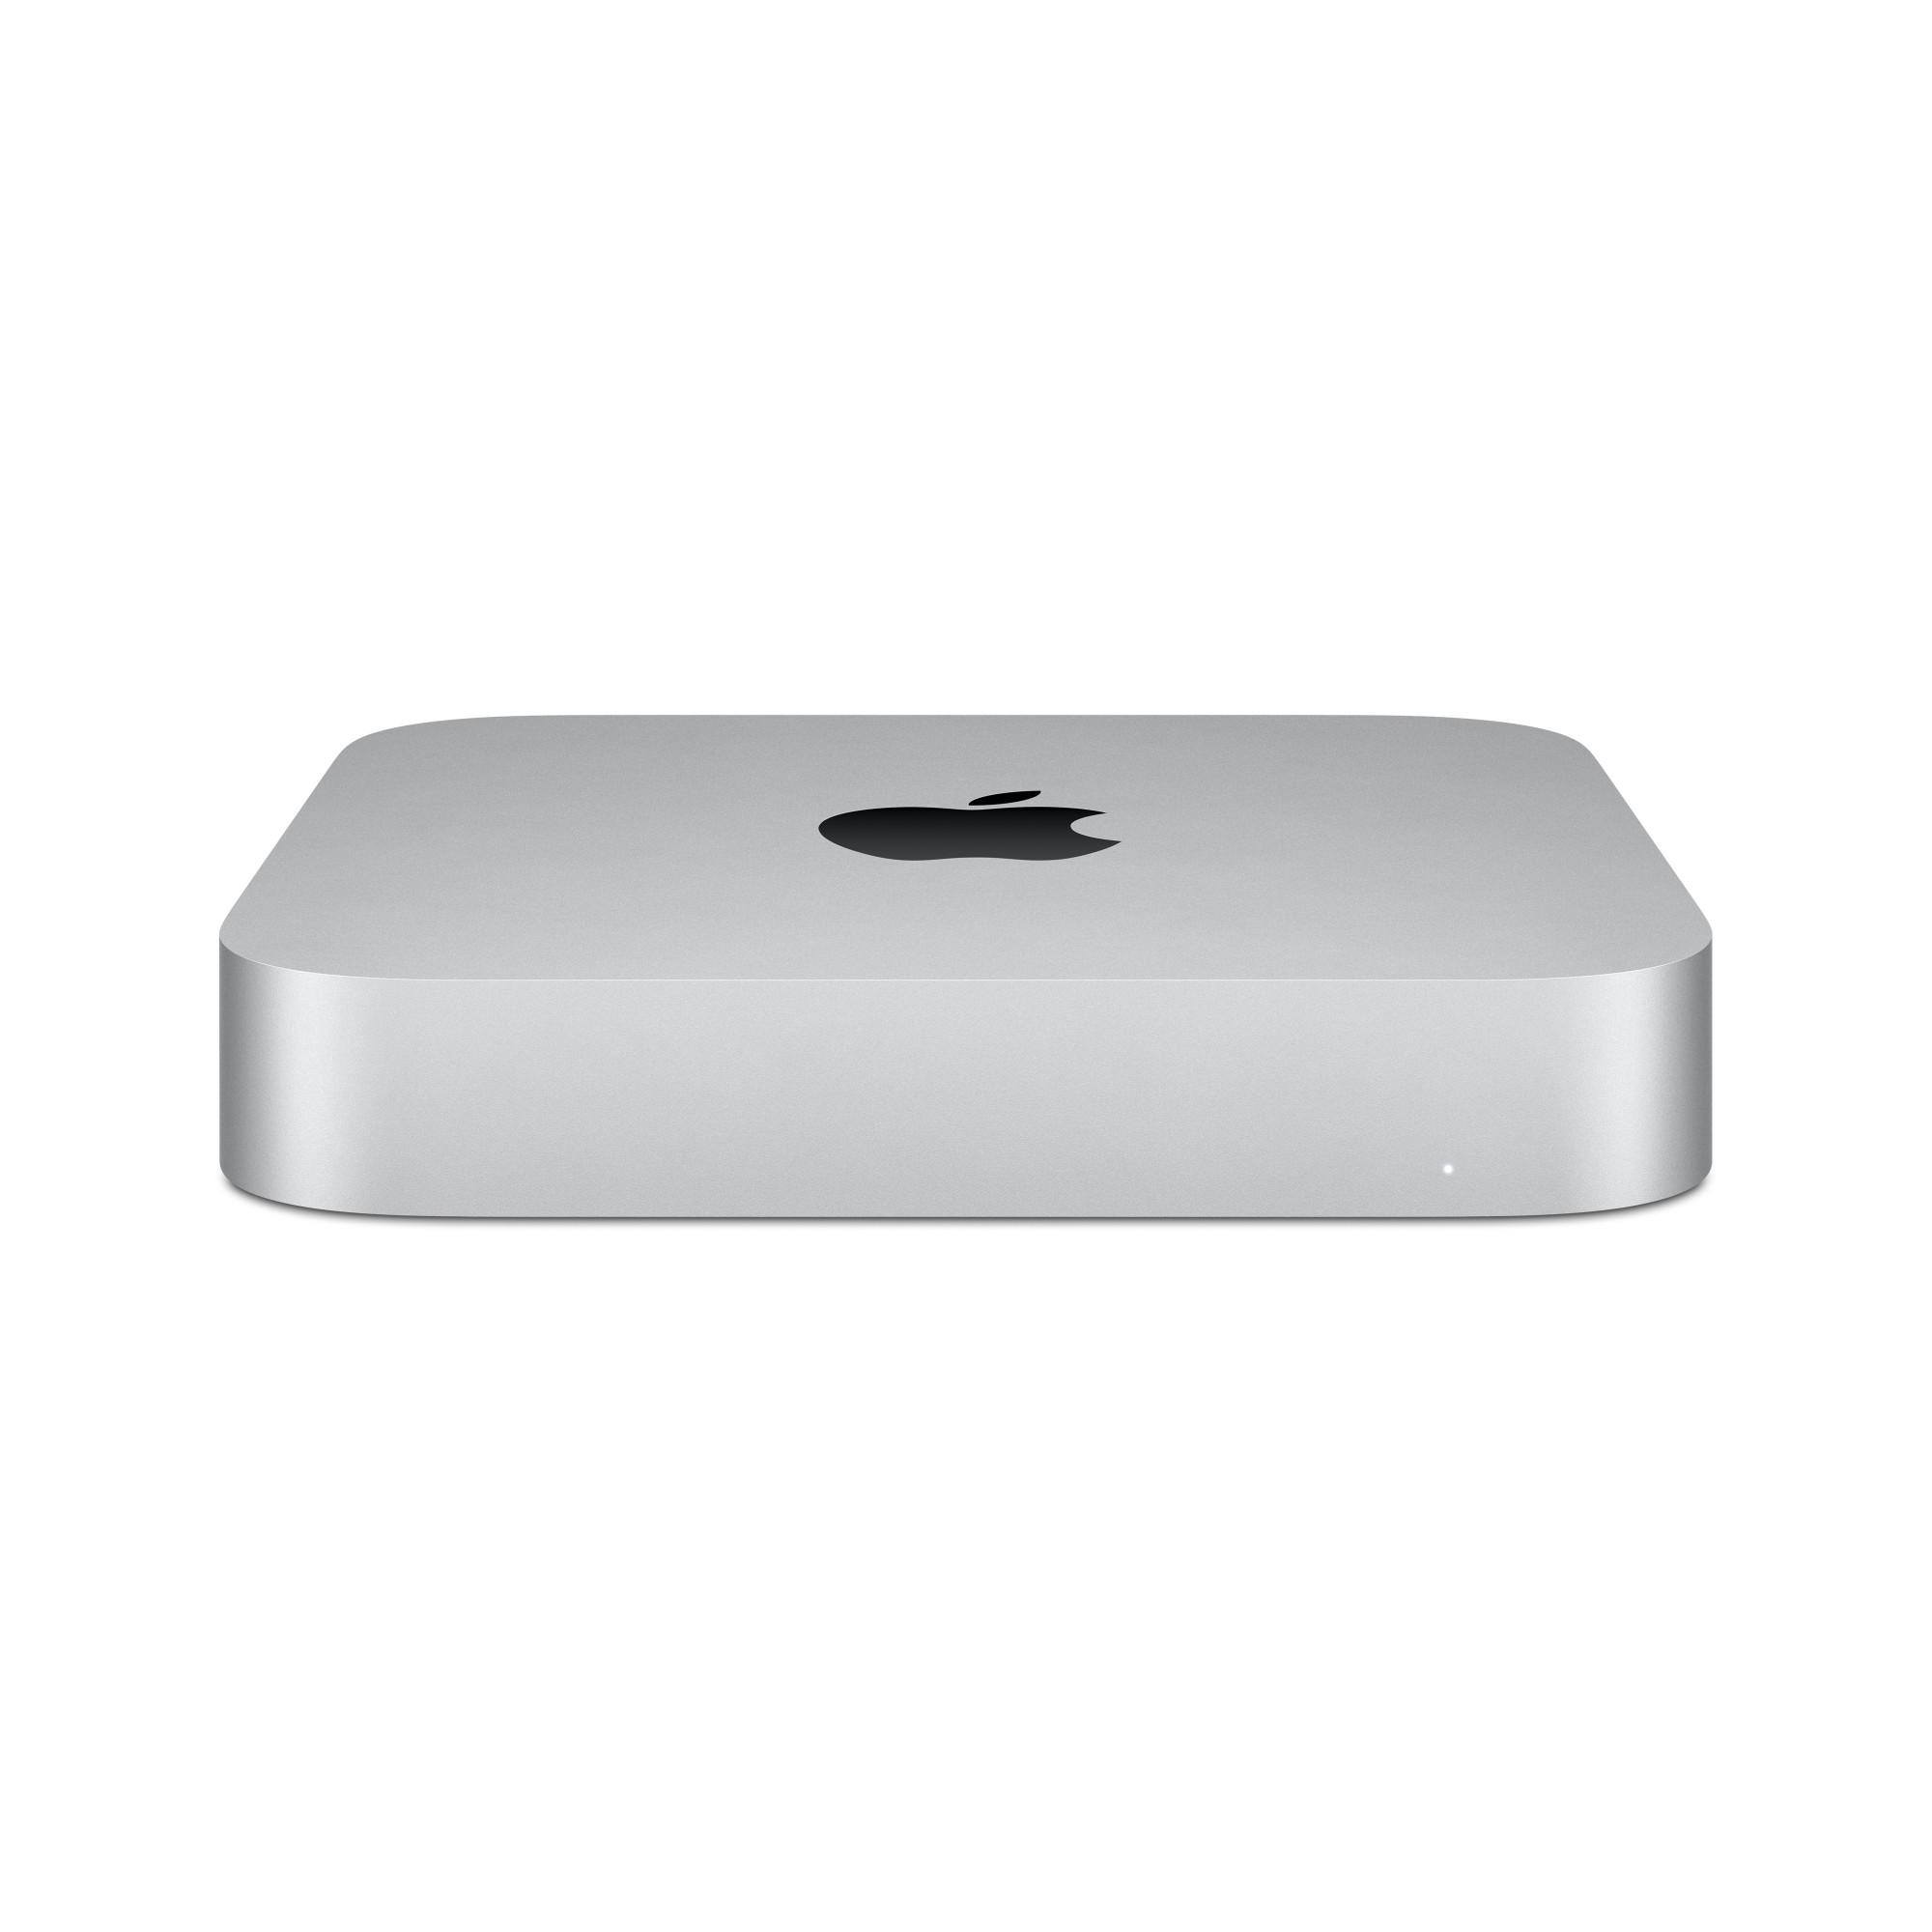 Apple Mac mini : M1 chip with 8_core CPU and 8_core GPU, 256GB SSD (2020)